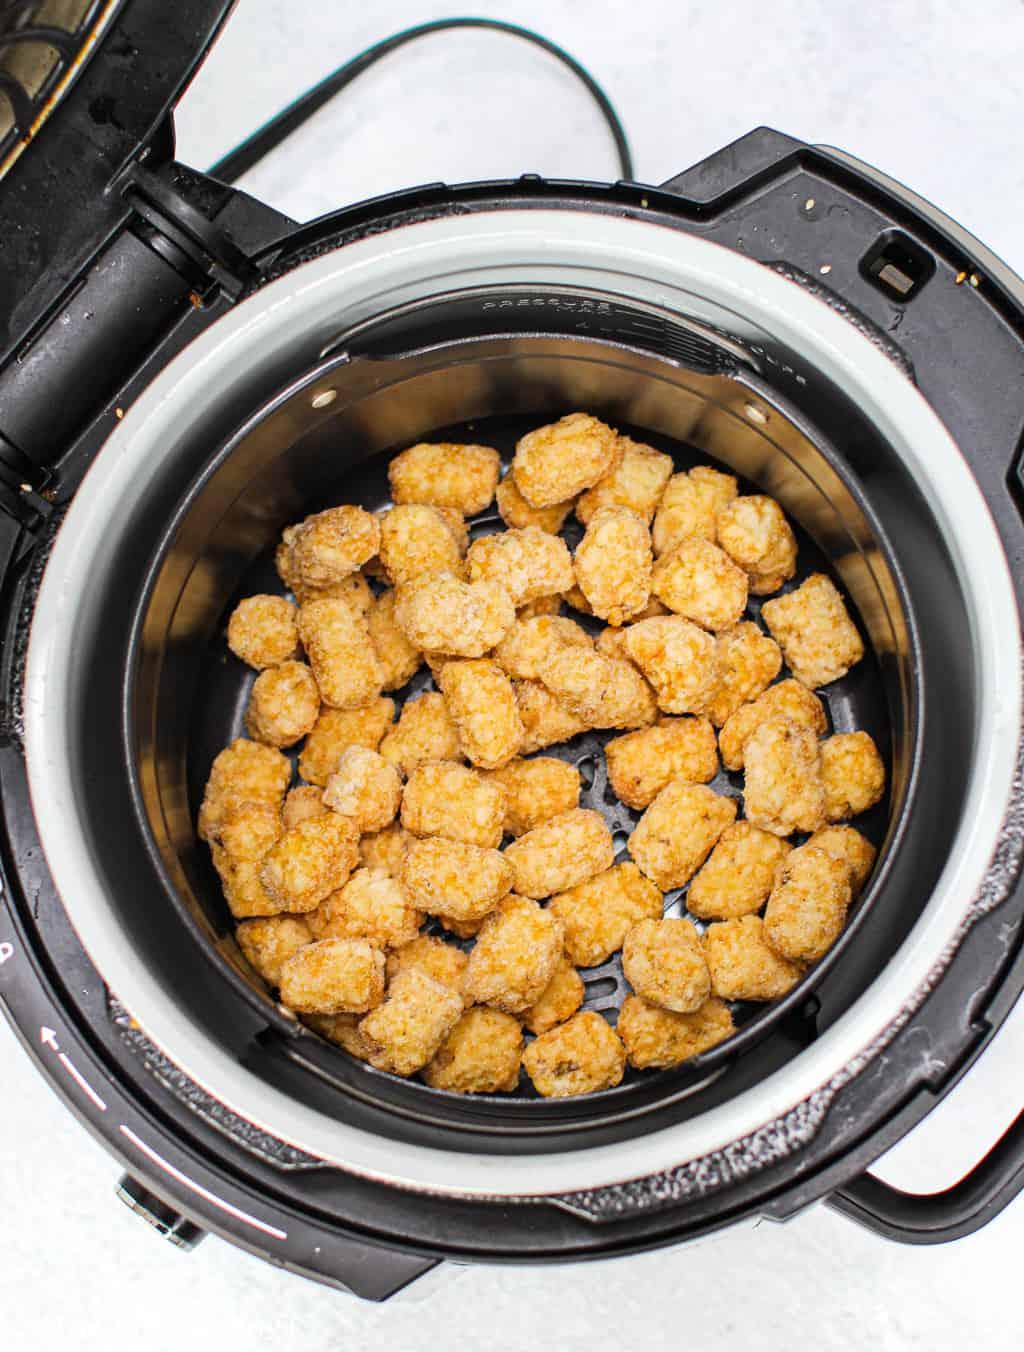 Frozen tater tots in an air fryer basket